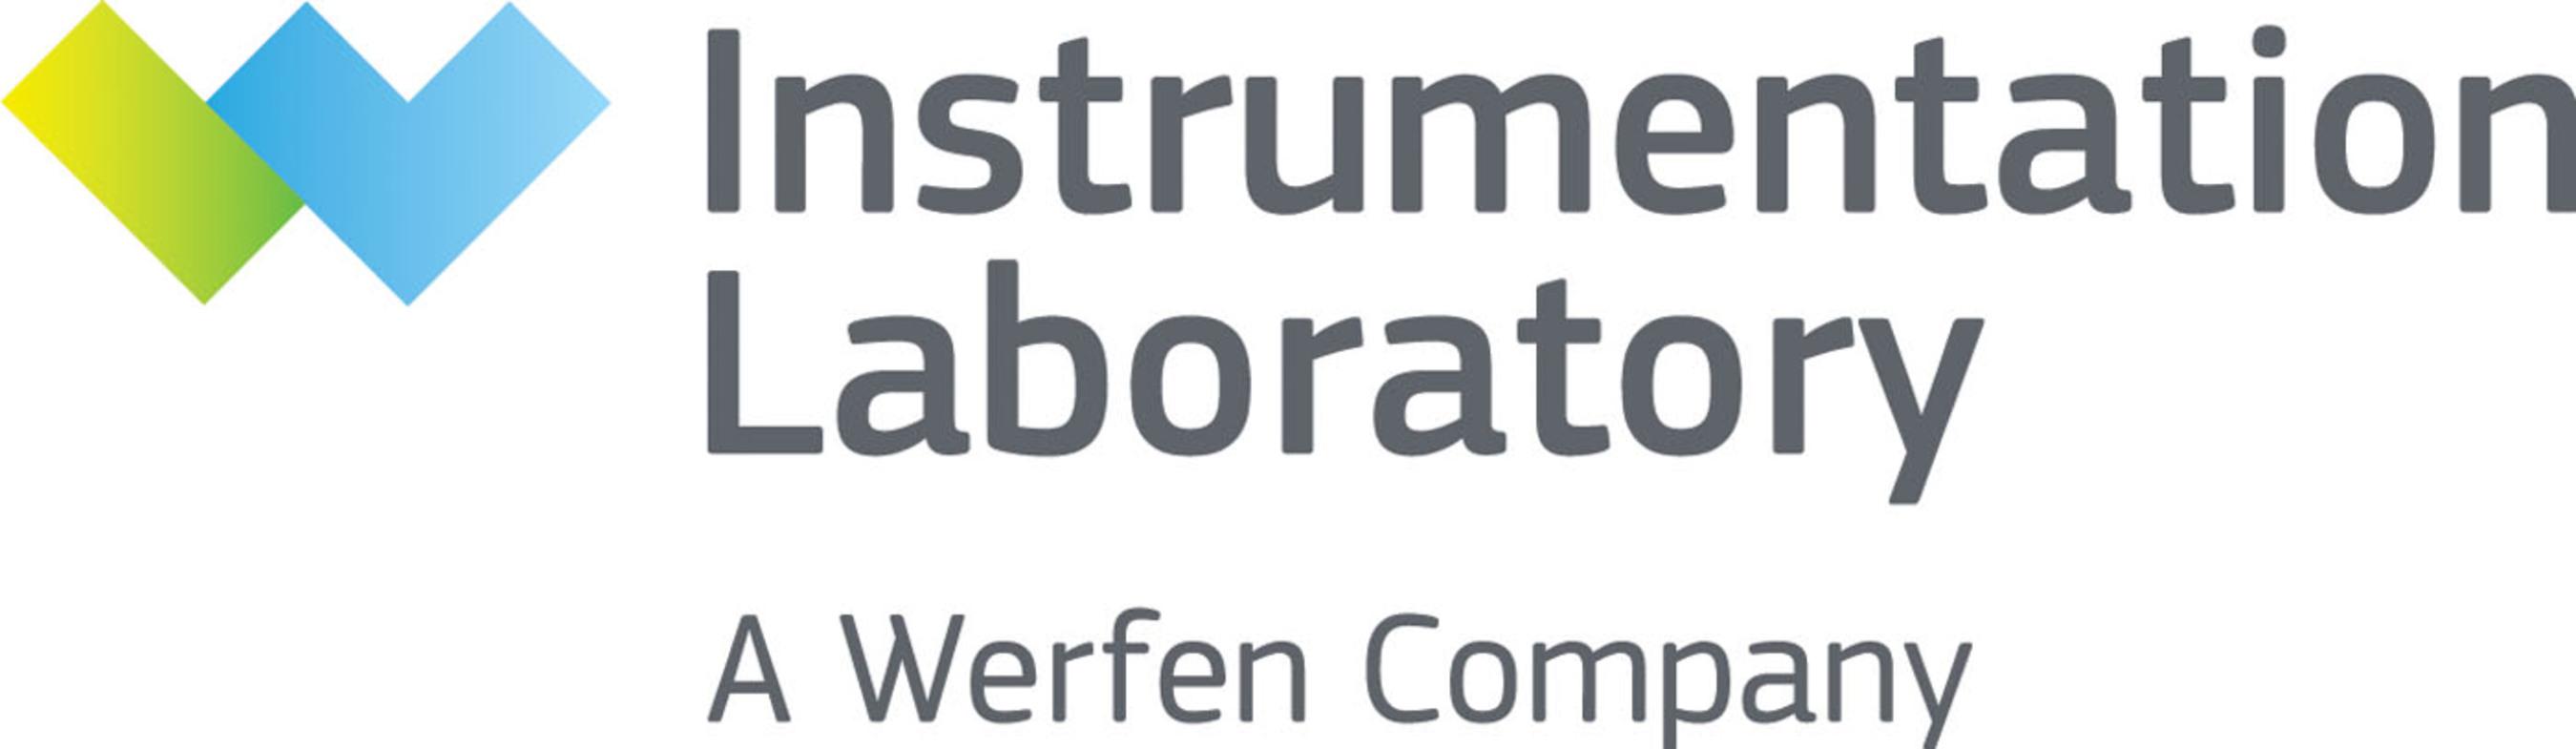 Instrumentation Laboratory übernimmt CA Casyso AG, einschließlich ...